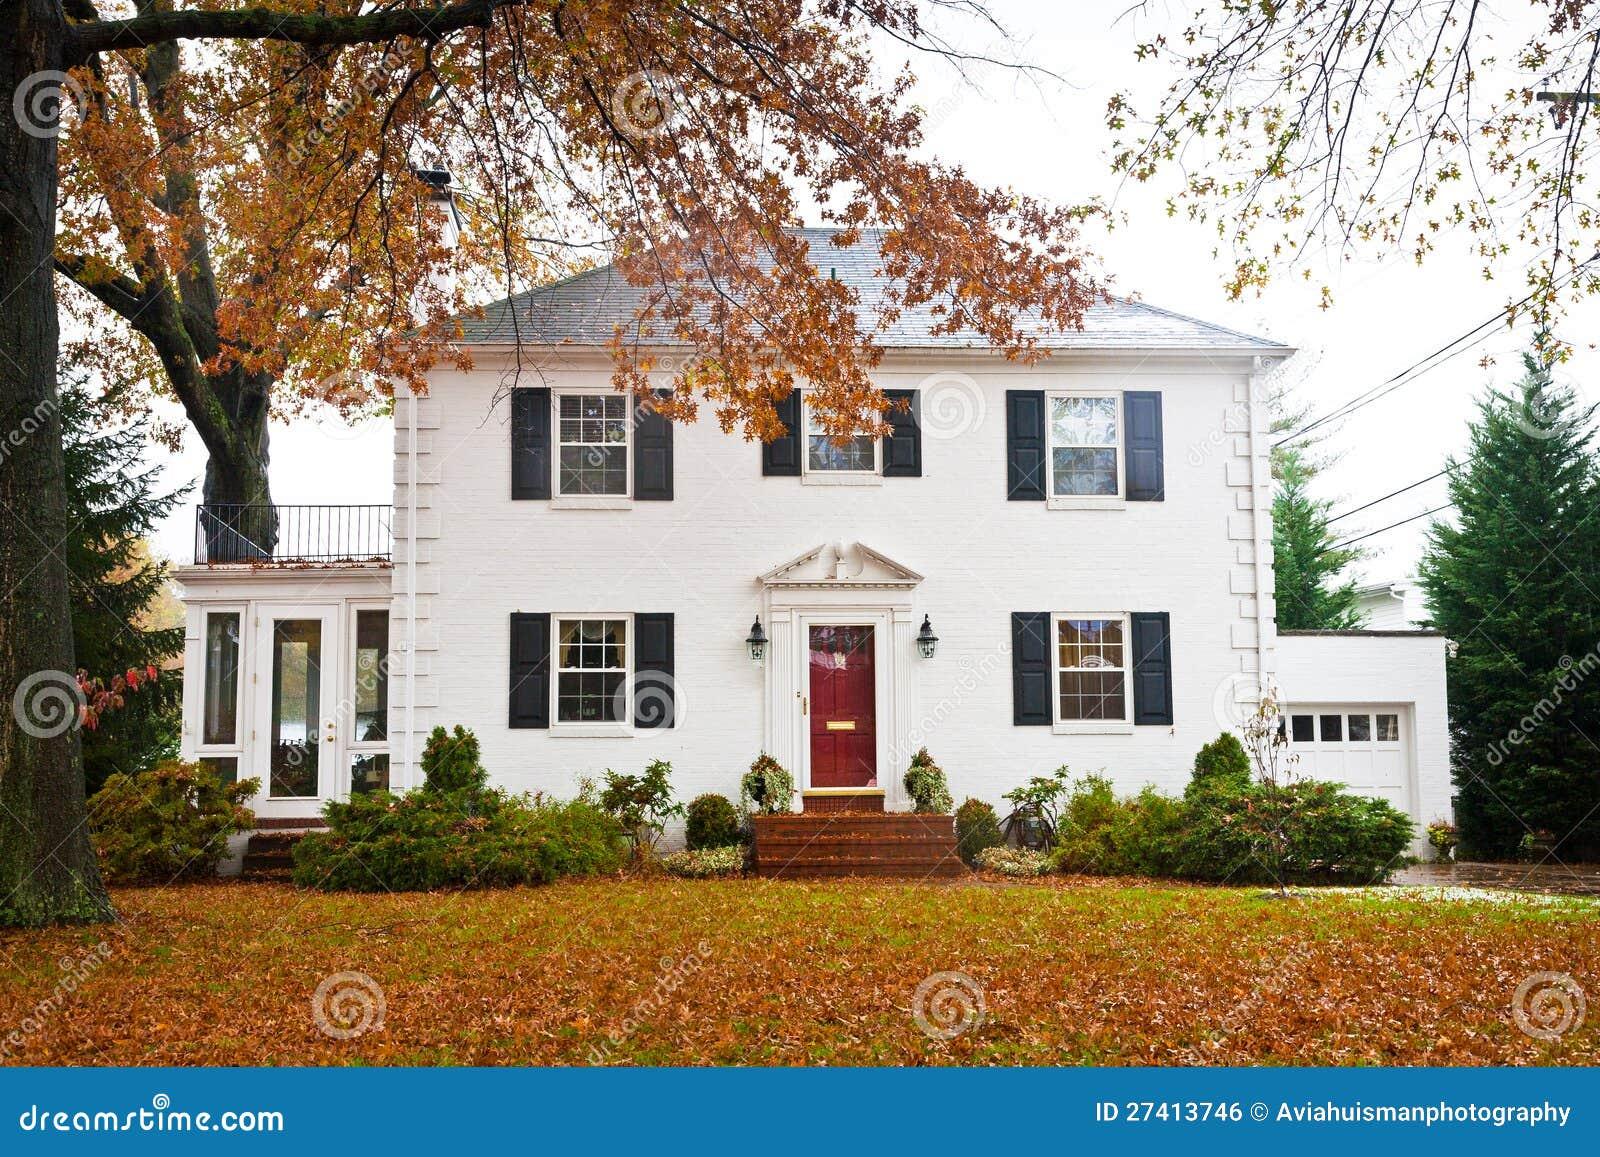 Maison blanche avec une trappe rouge image libre de droits image 27413746 - Voir maison avec adresse ...